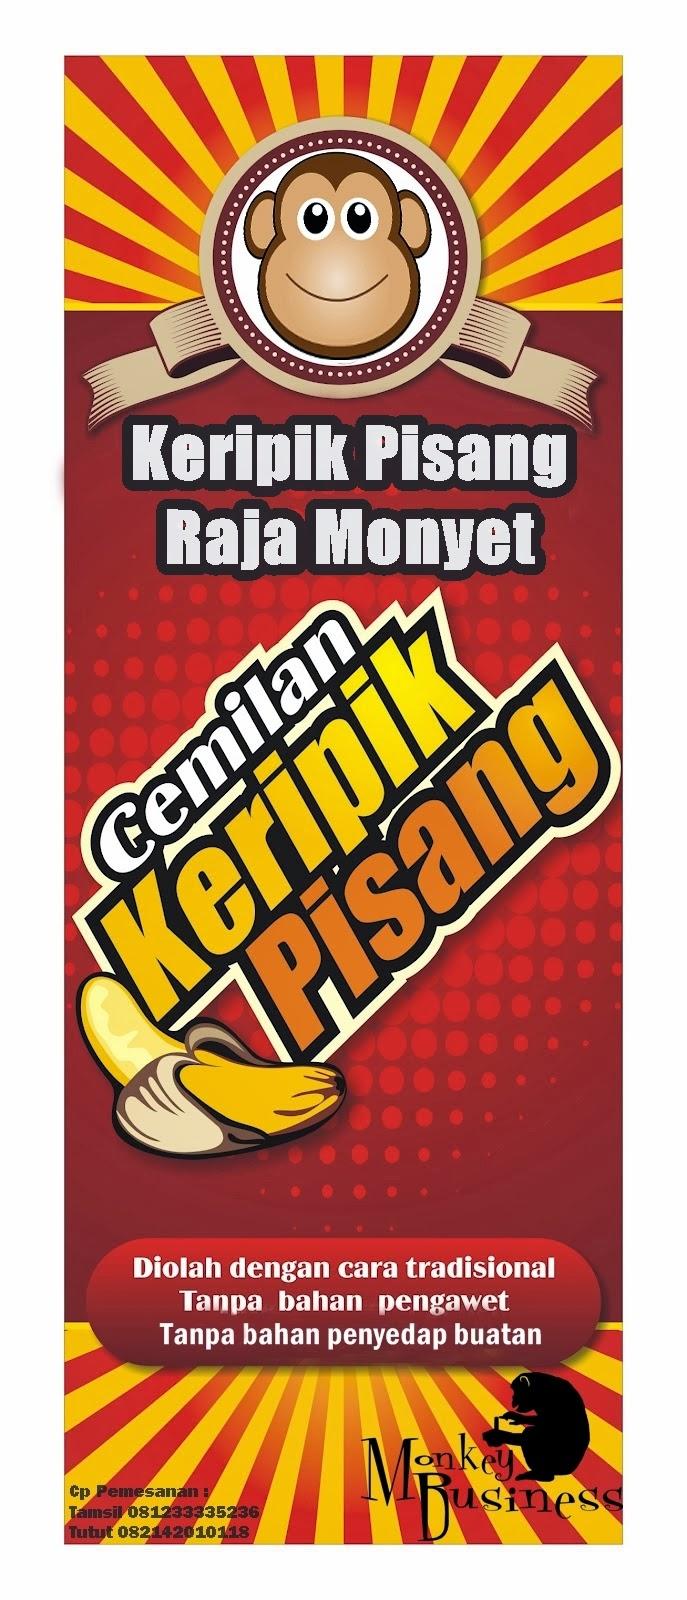 X Banner Keripik Pisang Raja Monyet